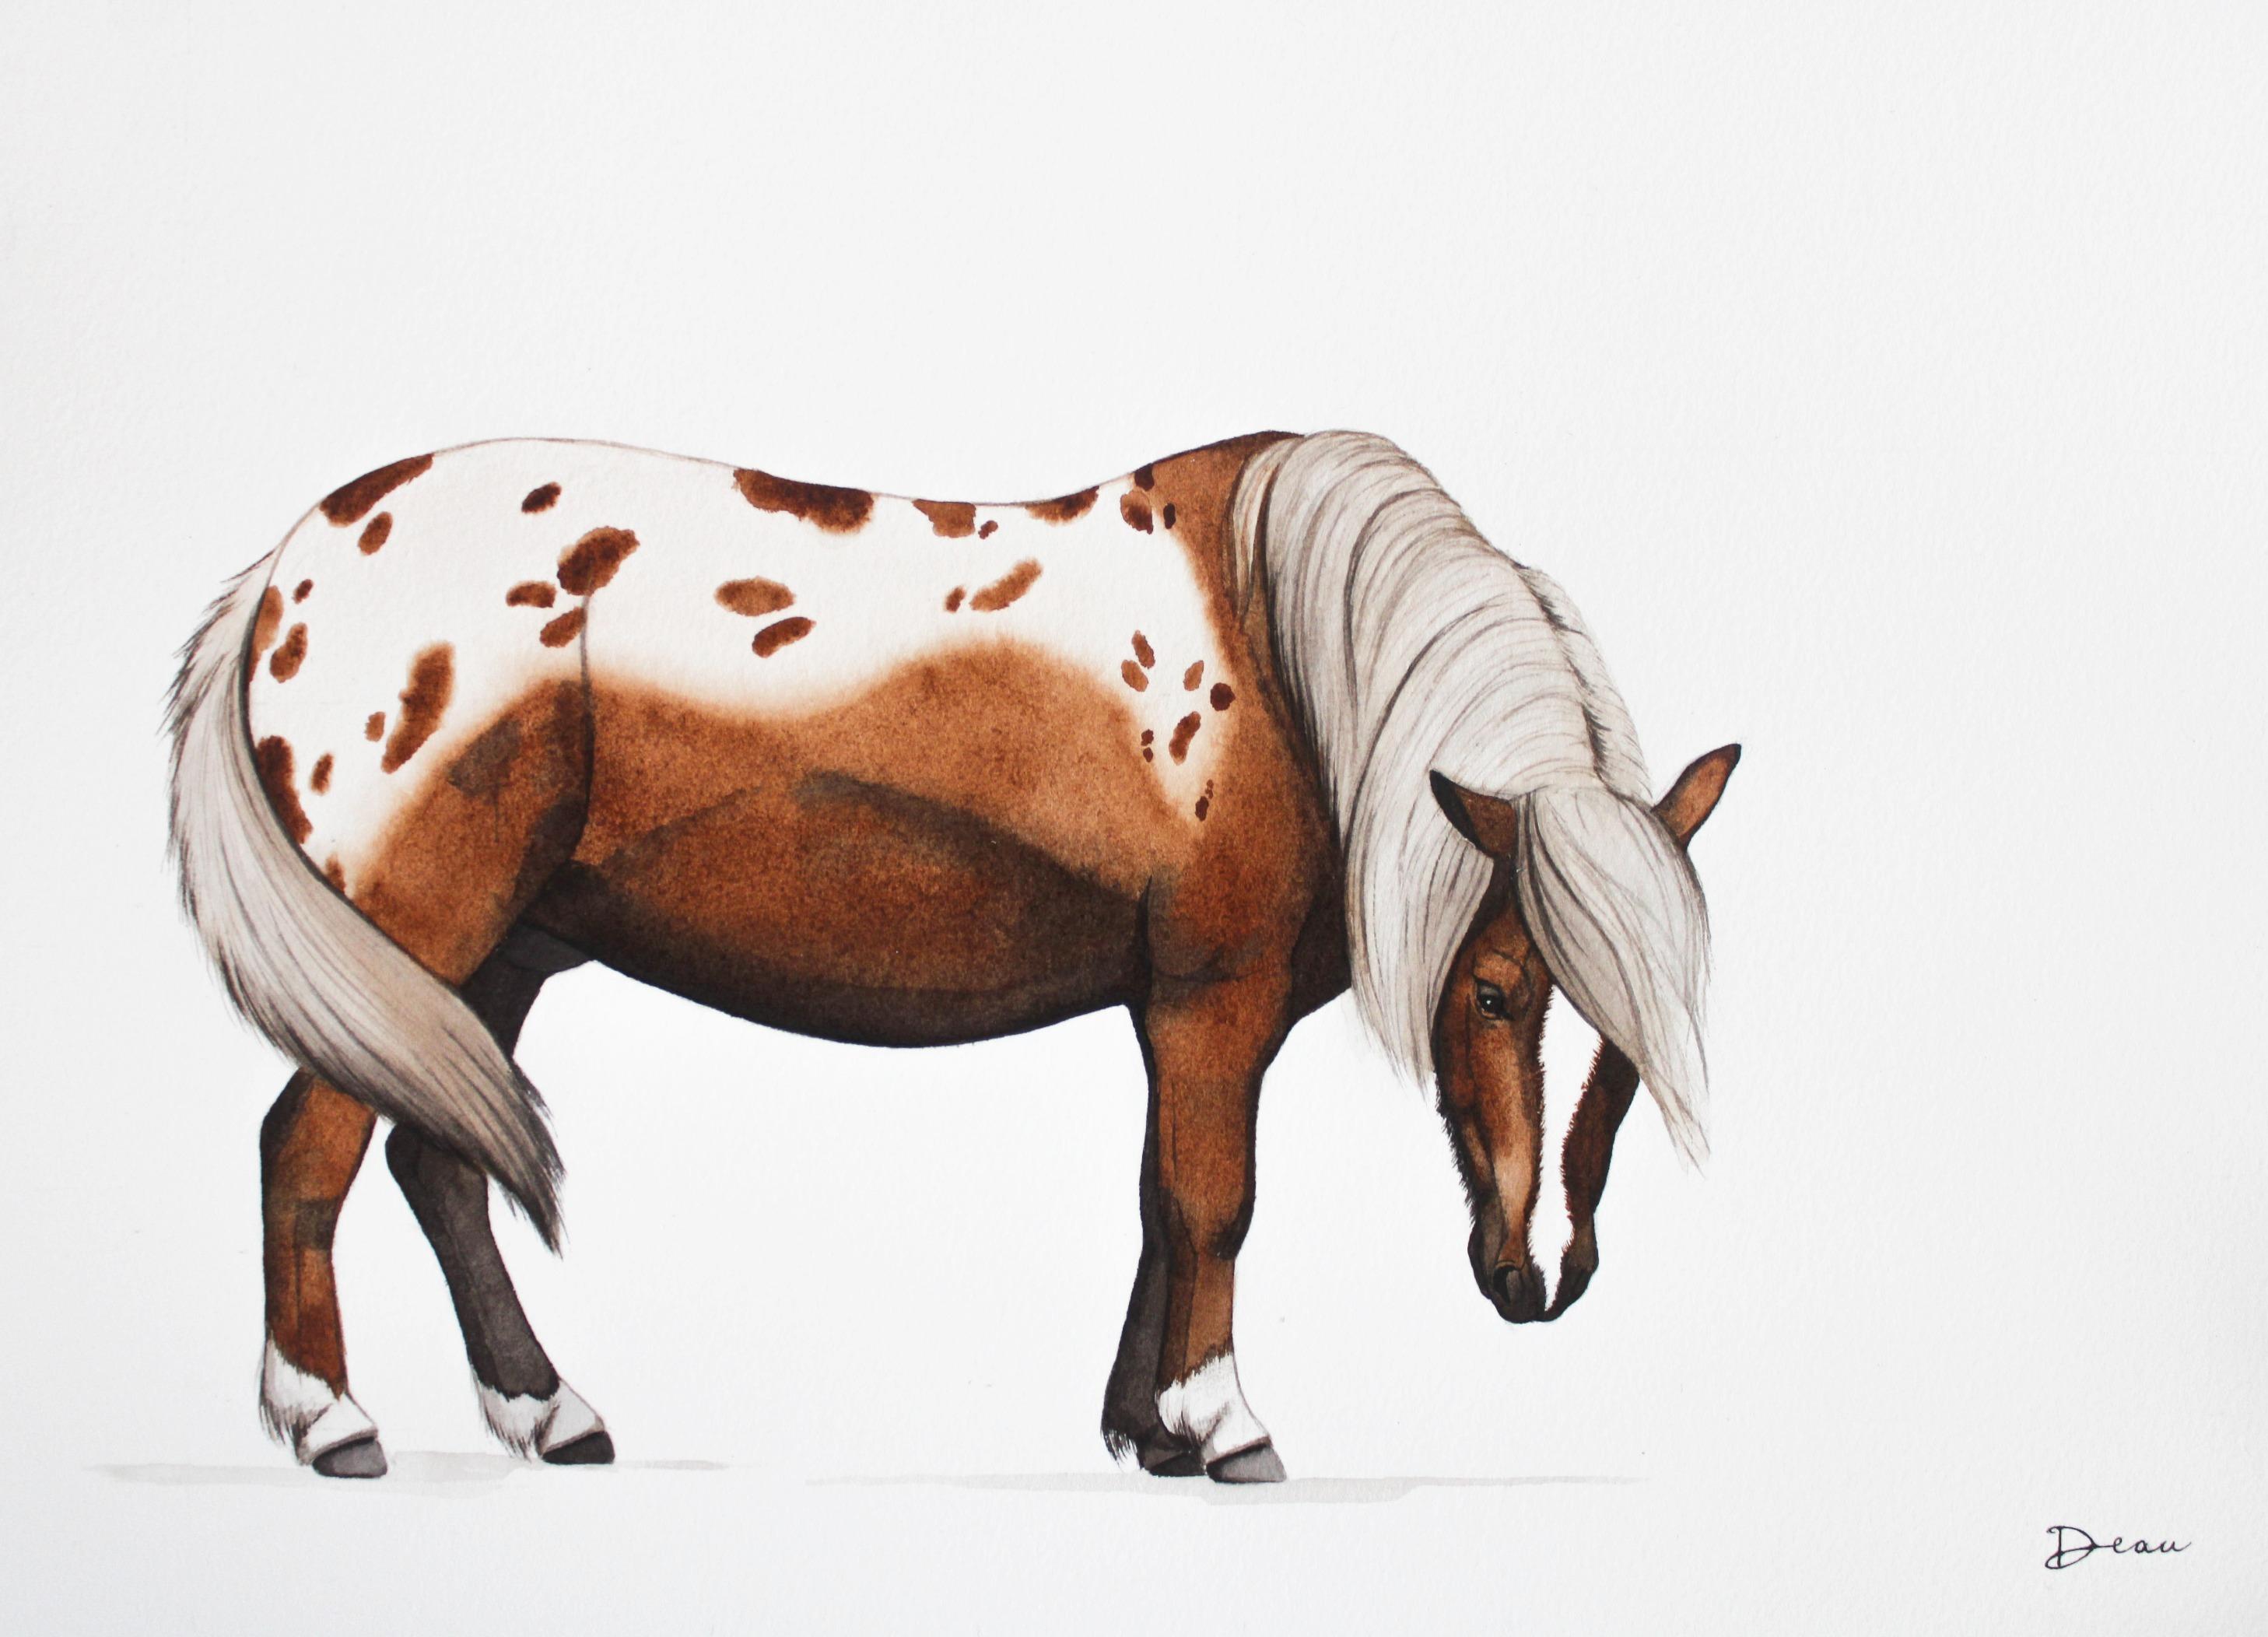 Bram - Shetland Pony | €200